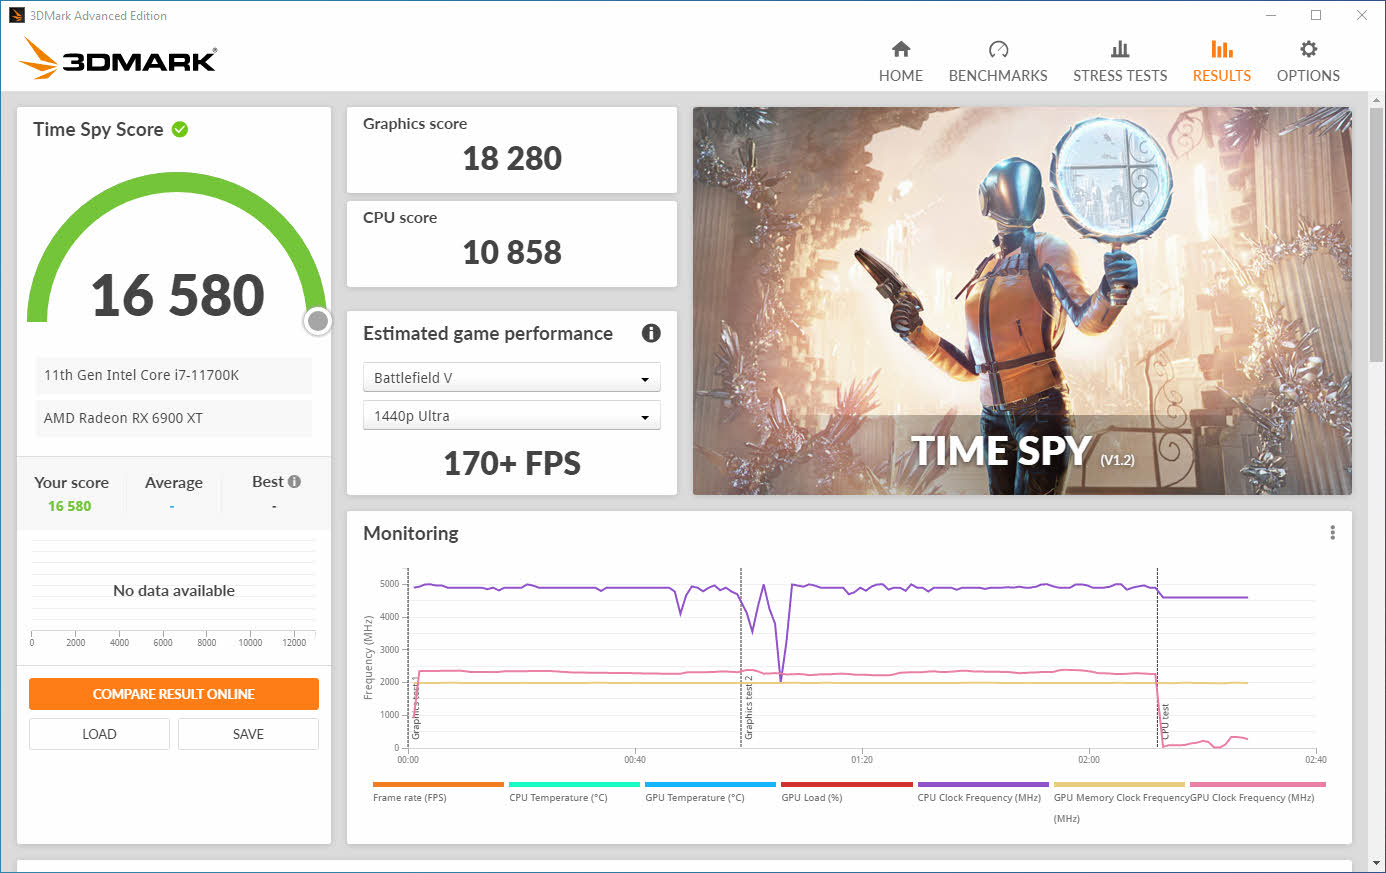 intel-core-i7-11700k-rocket-lake-8-core-desktop-cpu-_24